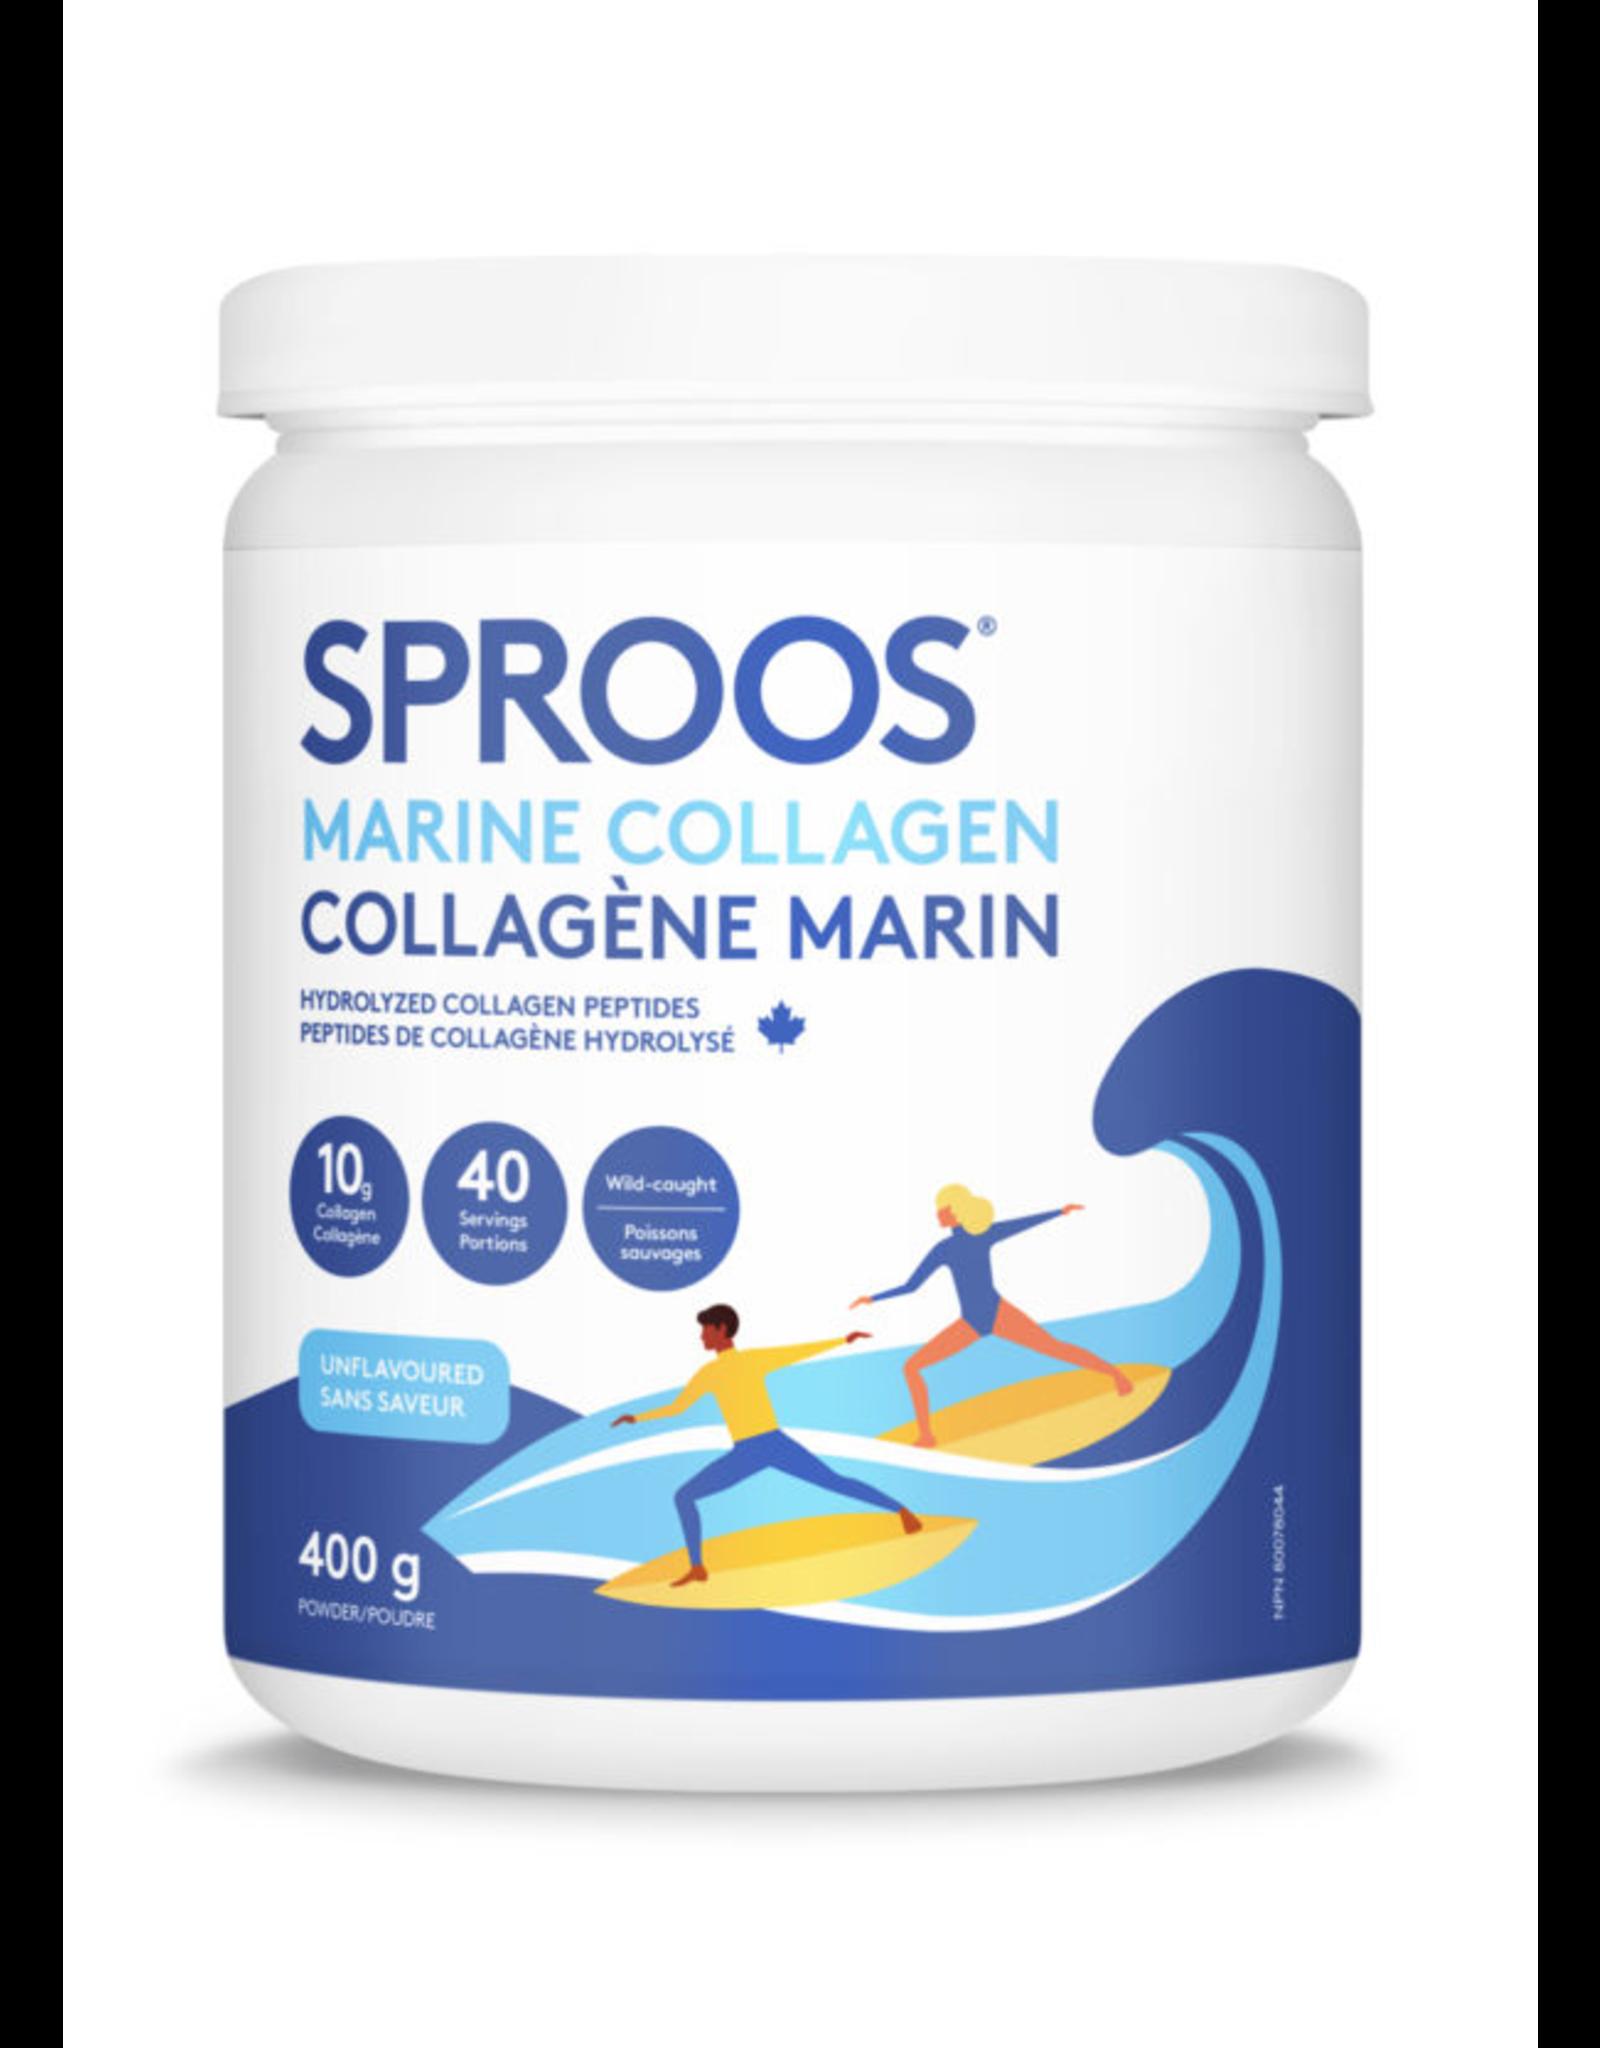 Sproos Marine Collagen